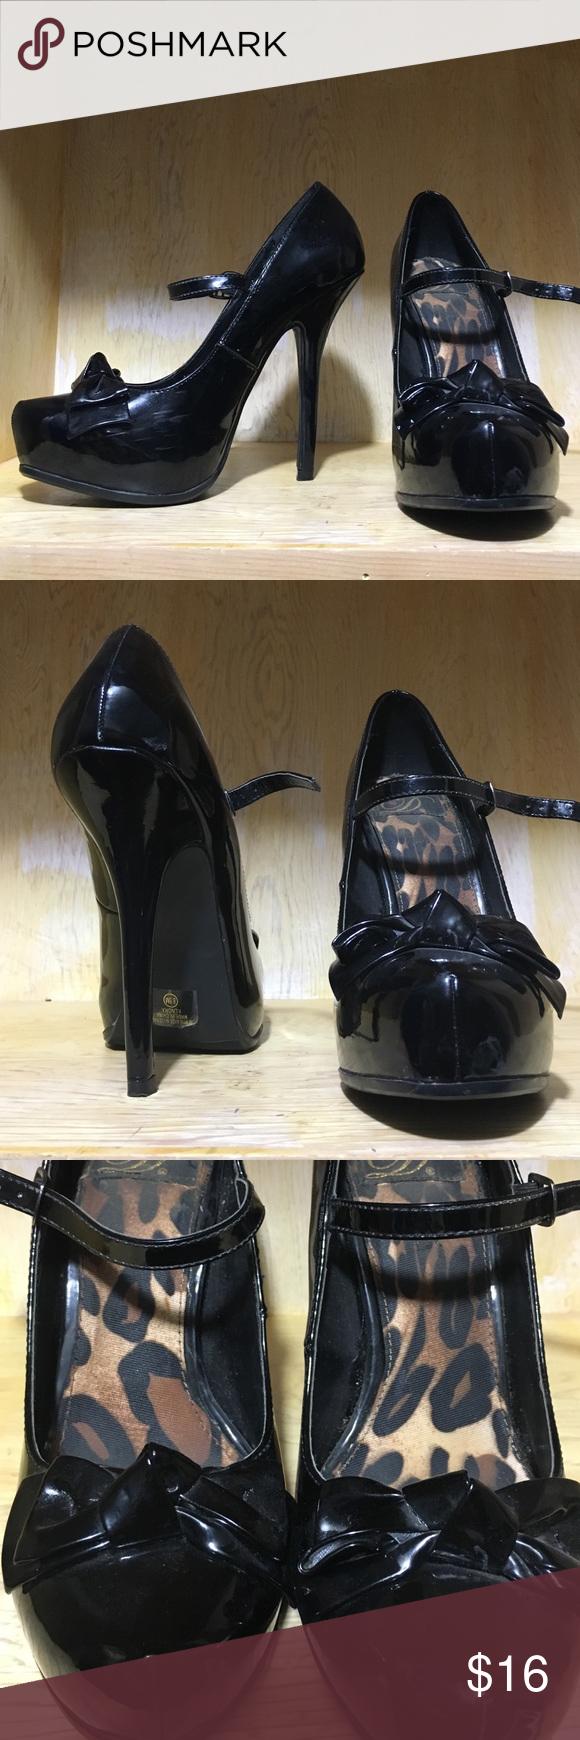 Black heels with bow Cute Black heels with bow Shoes Heels